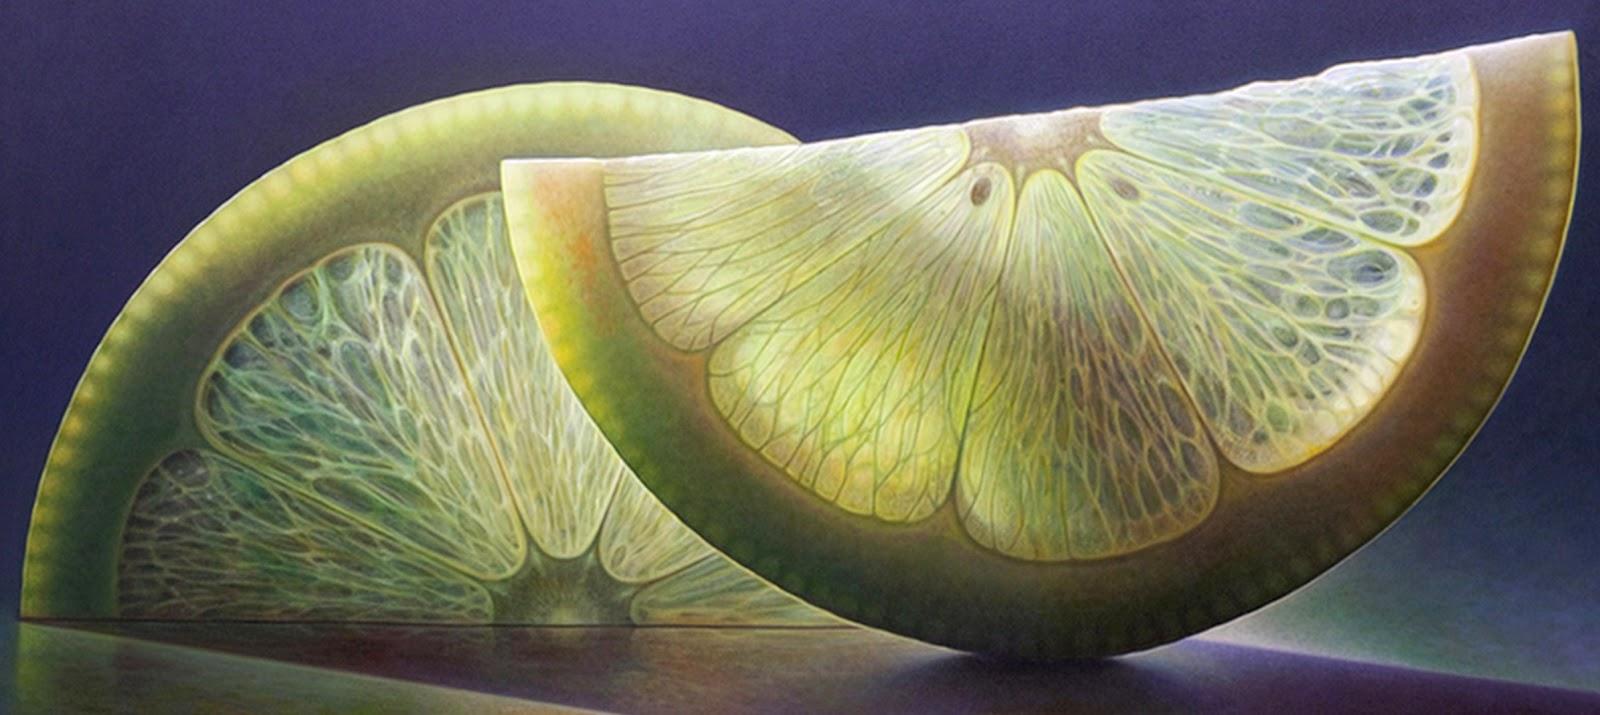 Im genes arte pinturas bodegones modernos para decorar el for Cuadros de pinturas para comedor